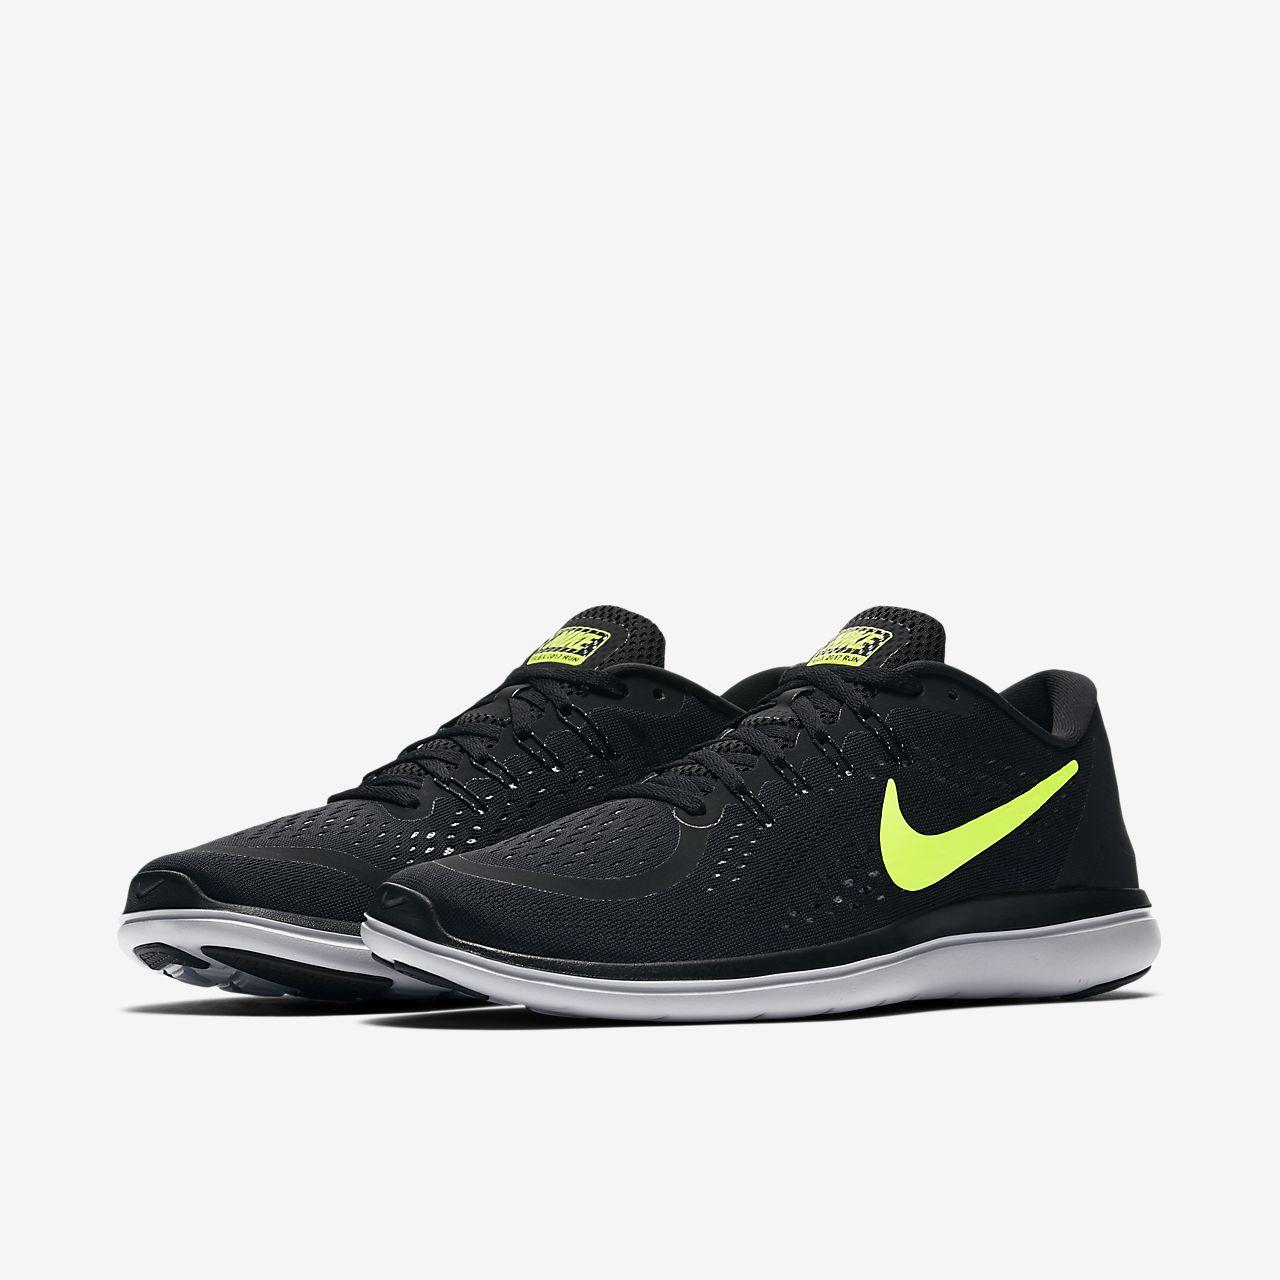 scarpe running nike recensioni